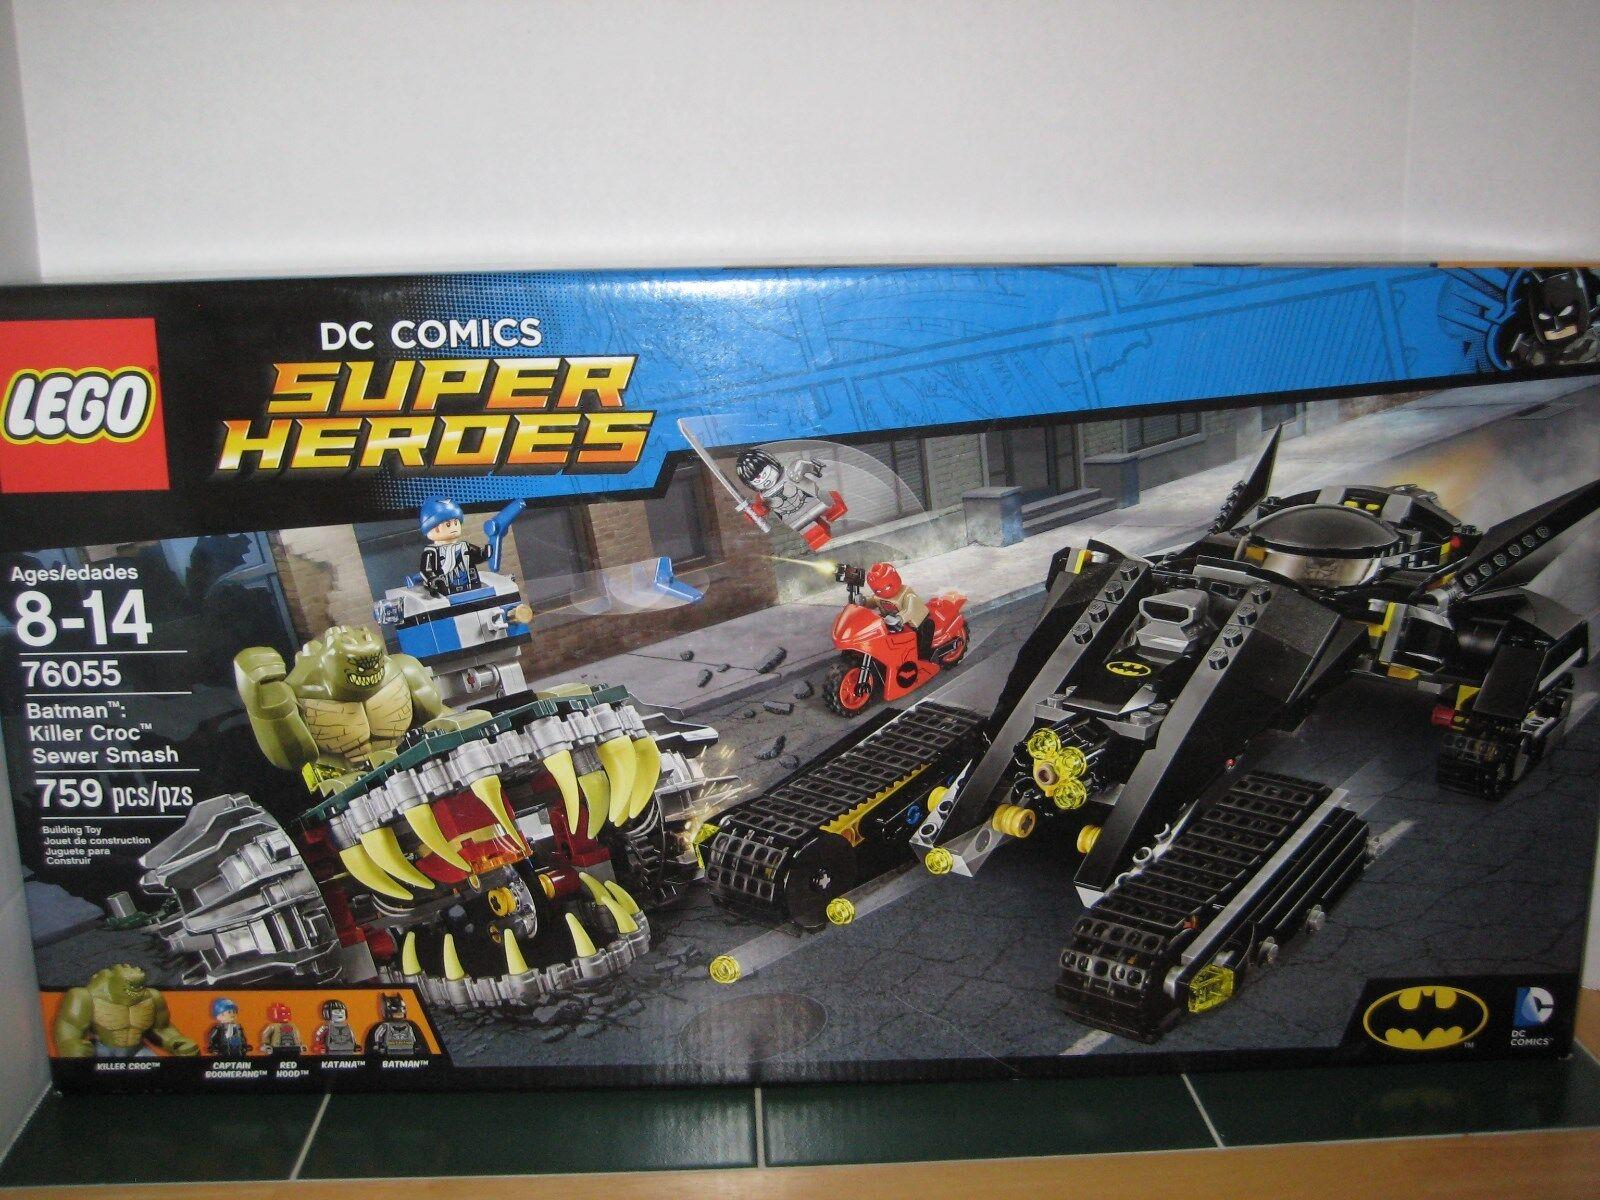 LEGO DC Comics Super Heroes Batman Killer Killer Killer Croc Sewer Smash d31224